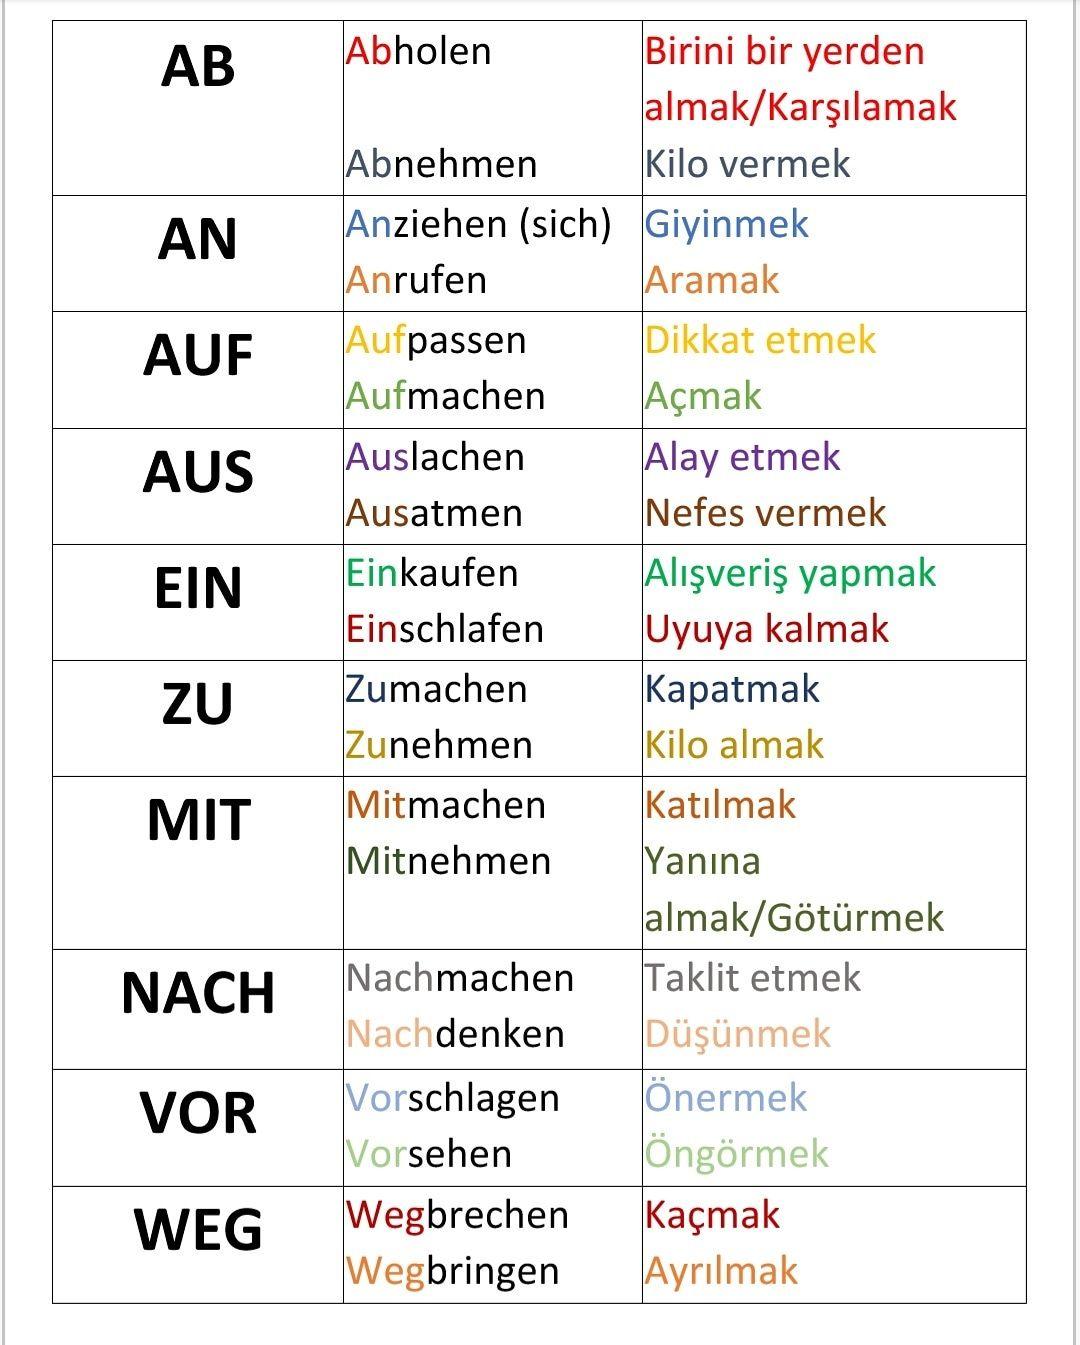 Abnehmen Übersetzer Angielsko